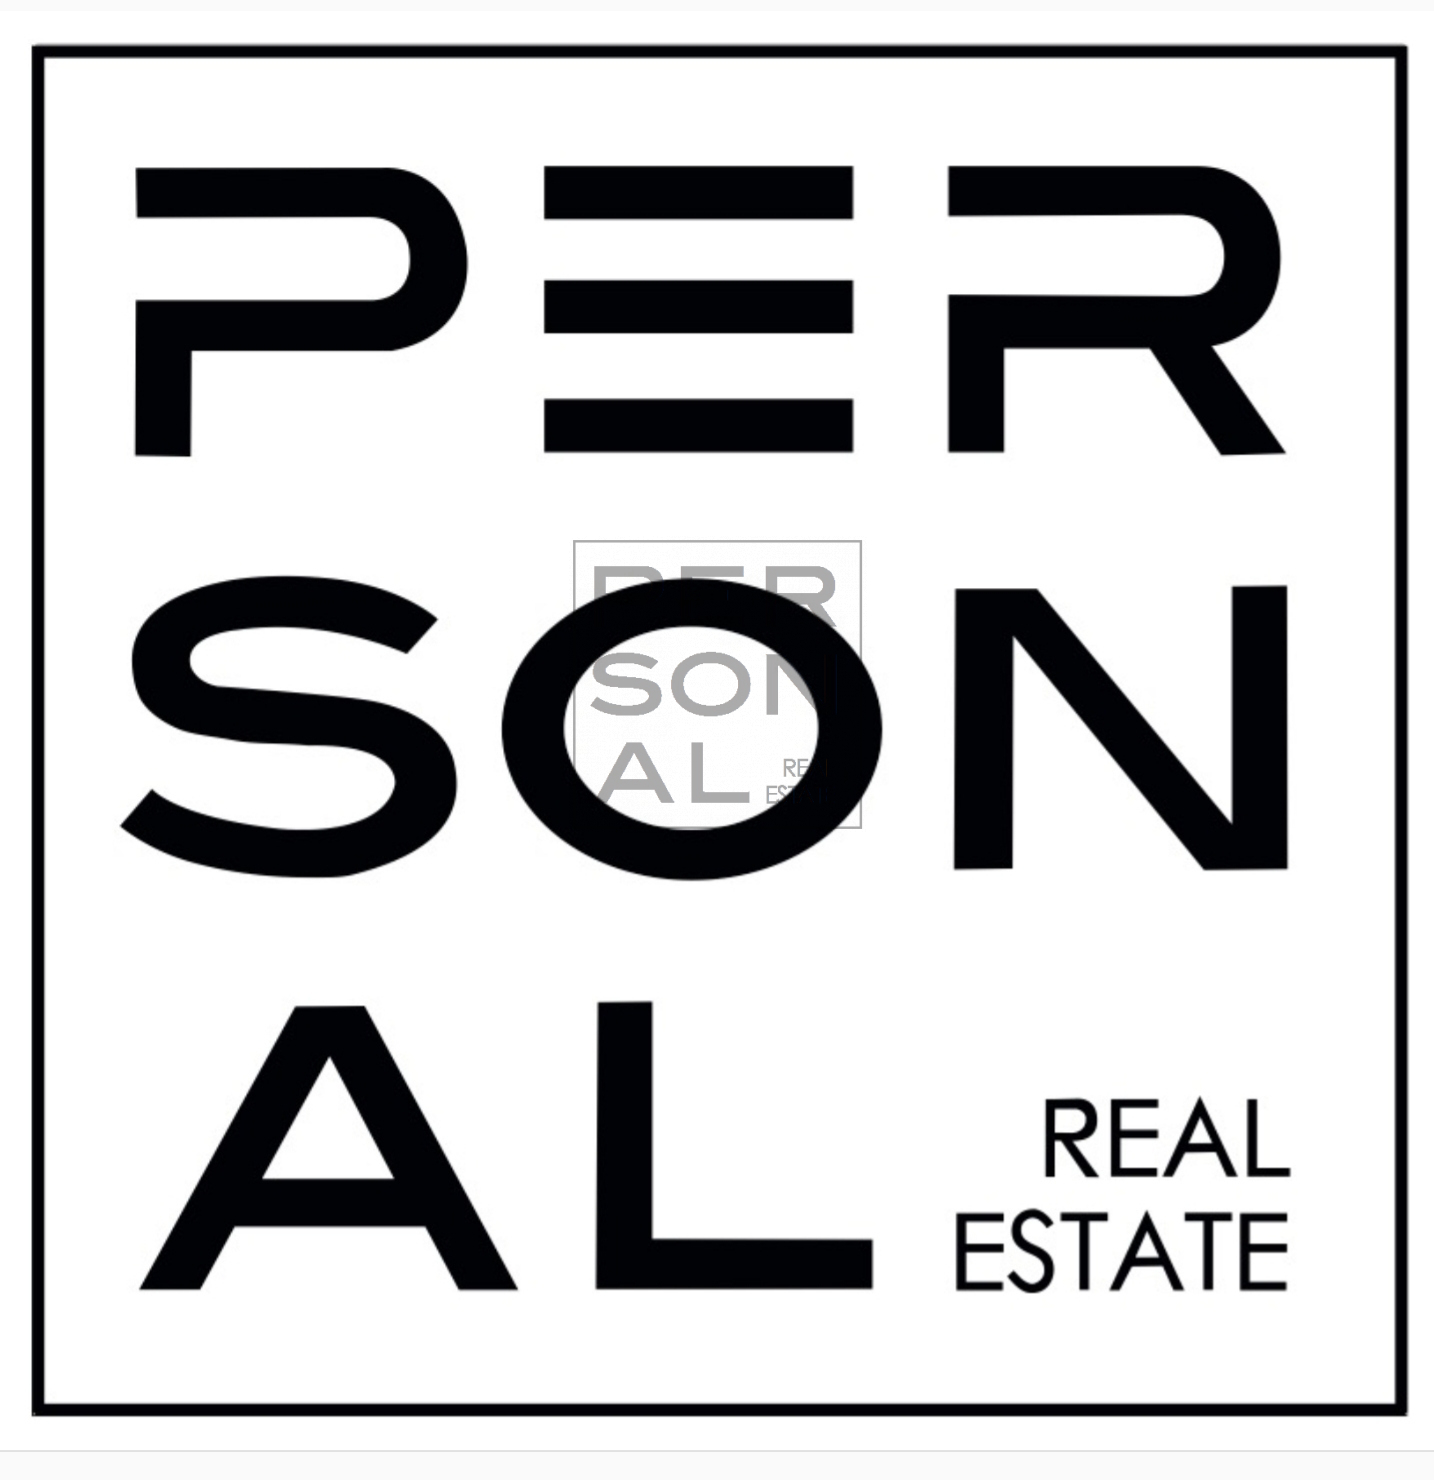 Appartamento in vendita a Rovereto, 6 locali, prezzo € 230.000 | CambioCasa.it